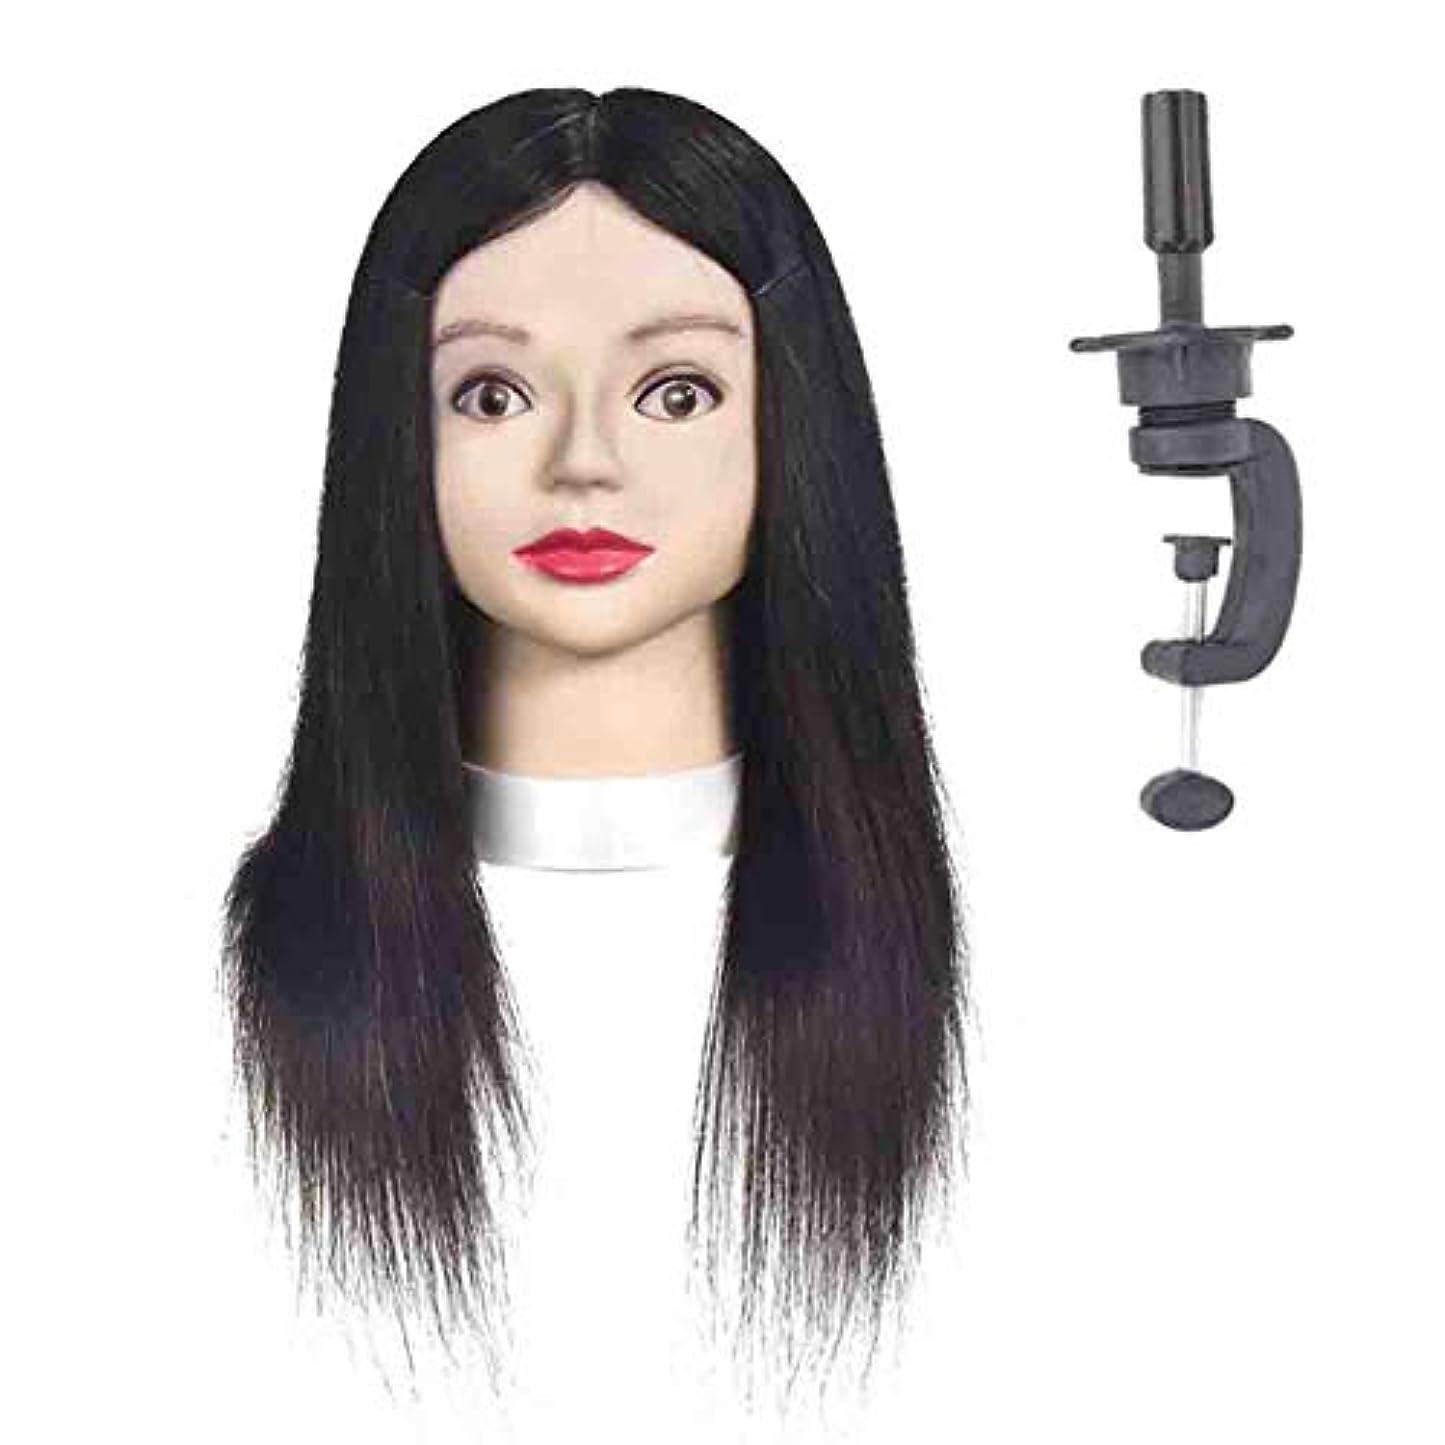 分析的異議偏見リアルヘアシルク編組ヘアスタイリングヘッドモデル理髪店理髪ダミーヘッドメイクアップ練習マネキンヘッド